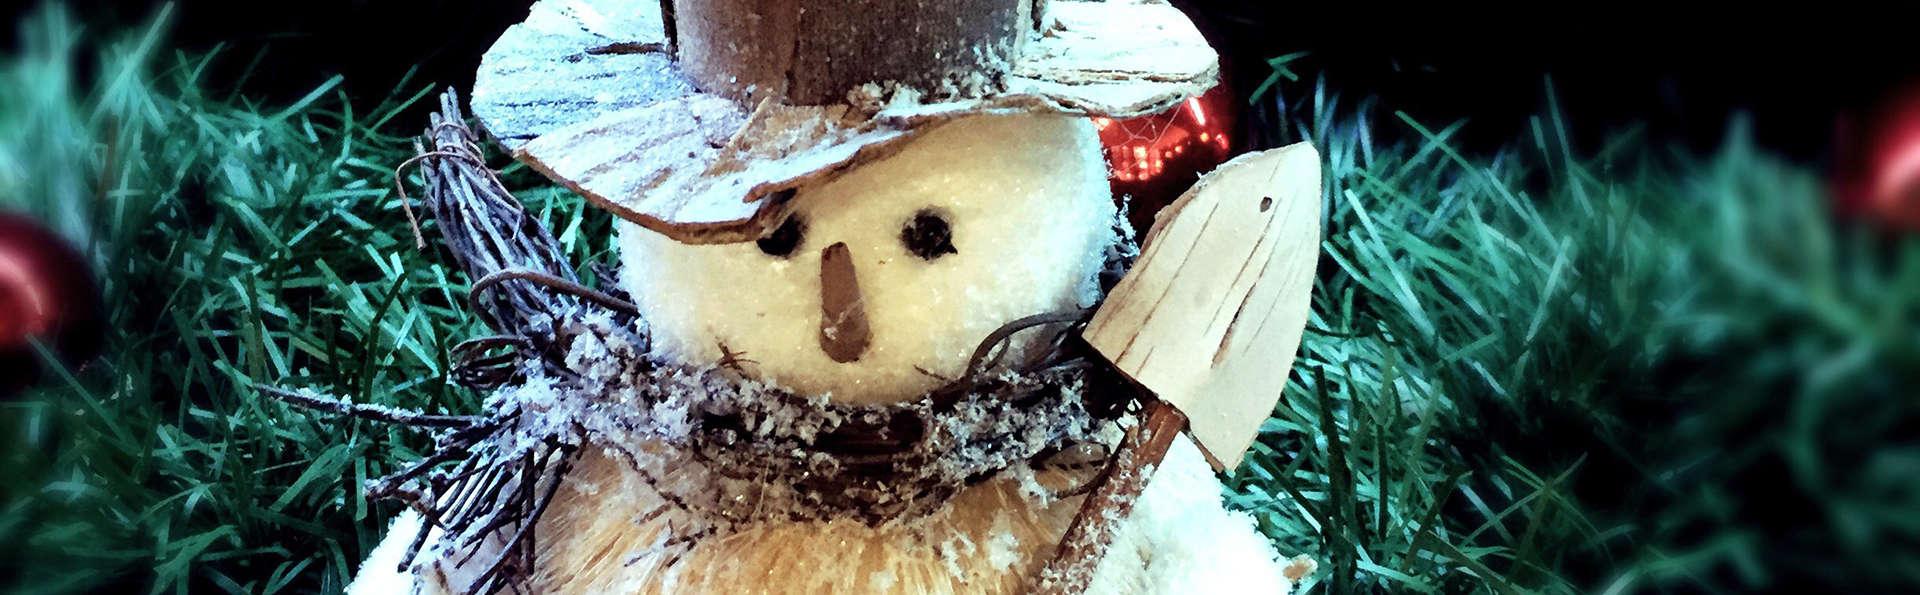 Spécial hiver dans la capitale avec vin chaud et marché de Noël